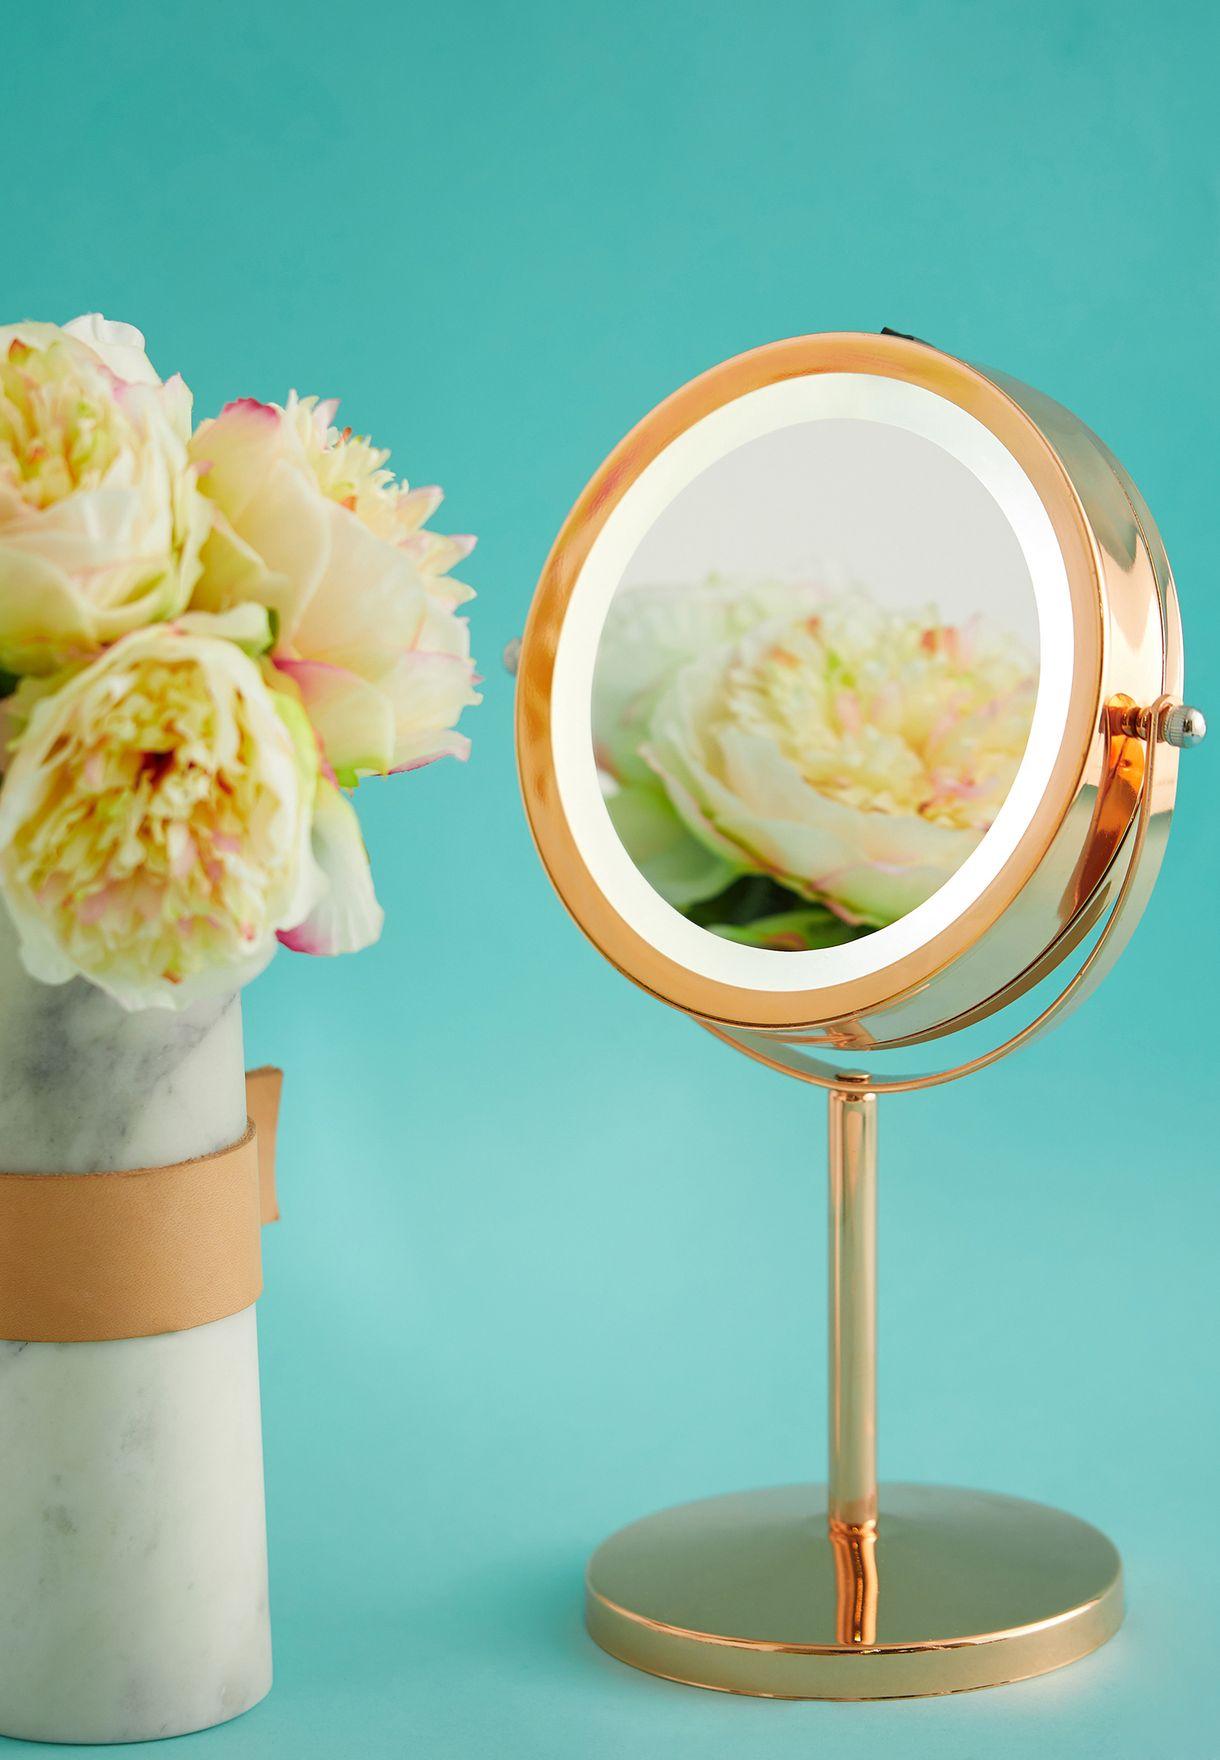 مرآة مكبرة بإضاءة ليد